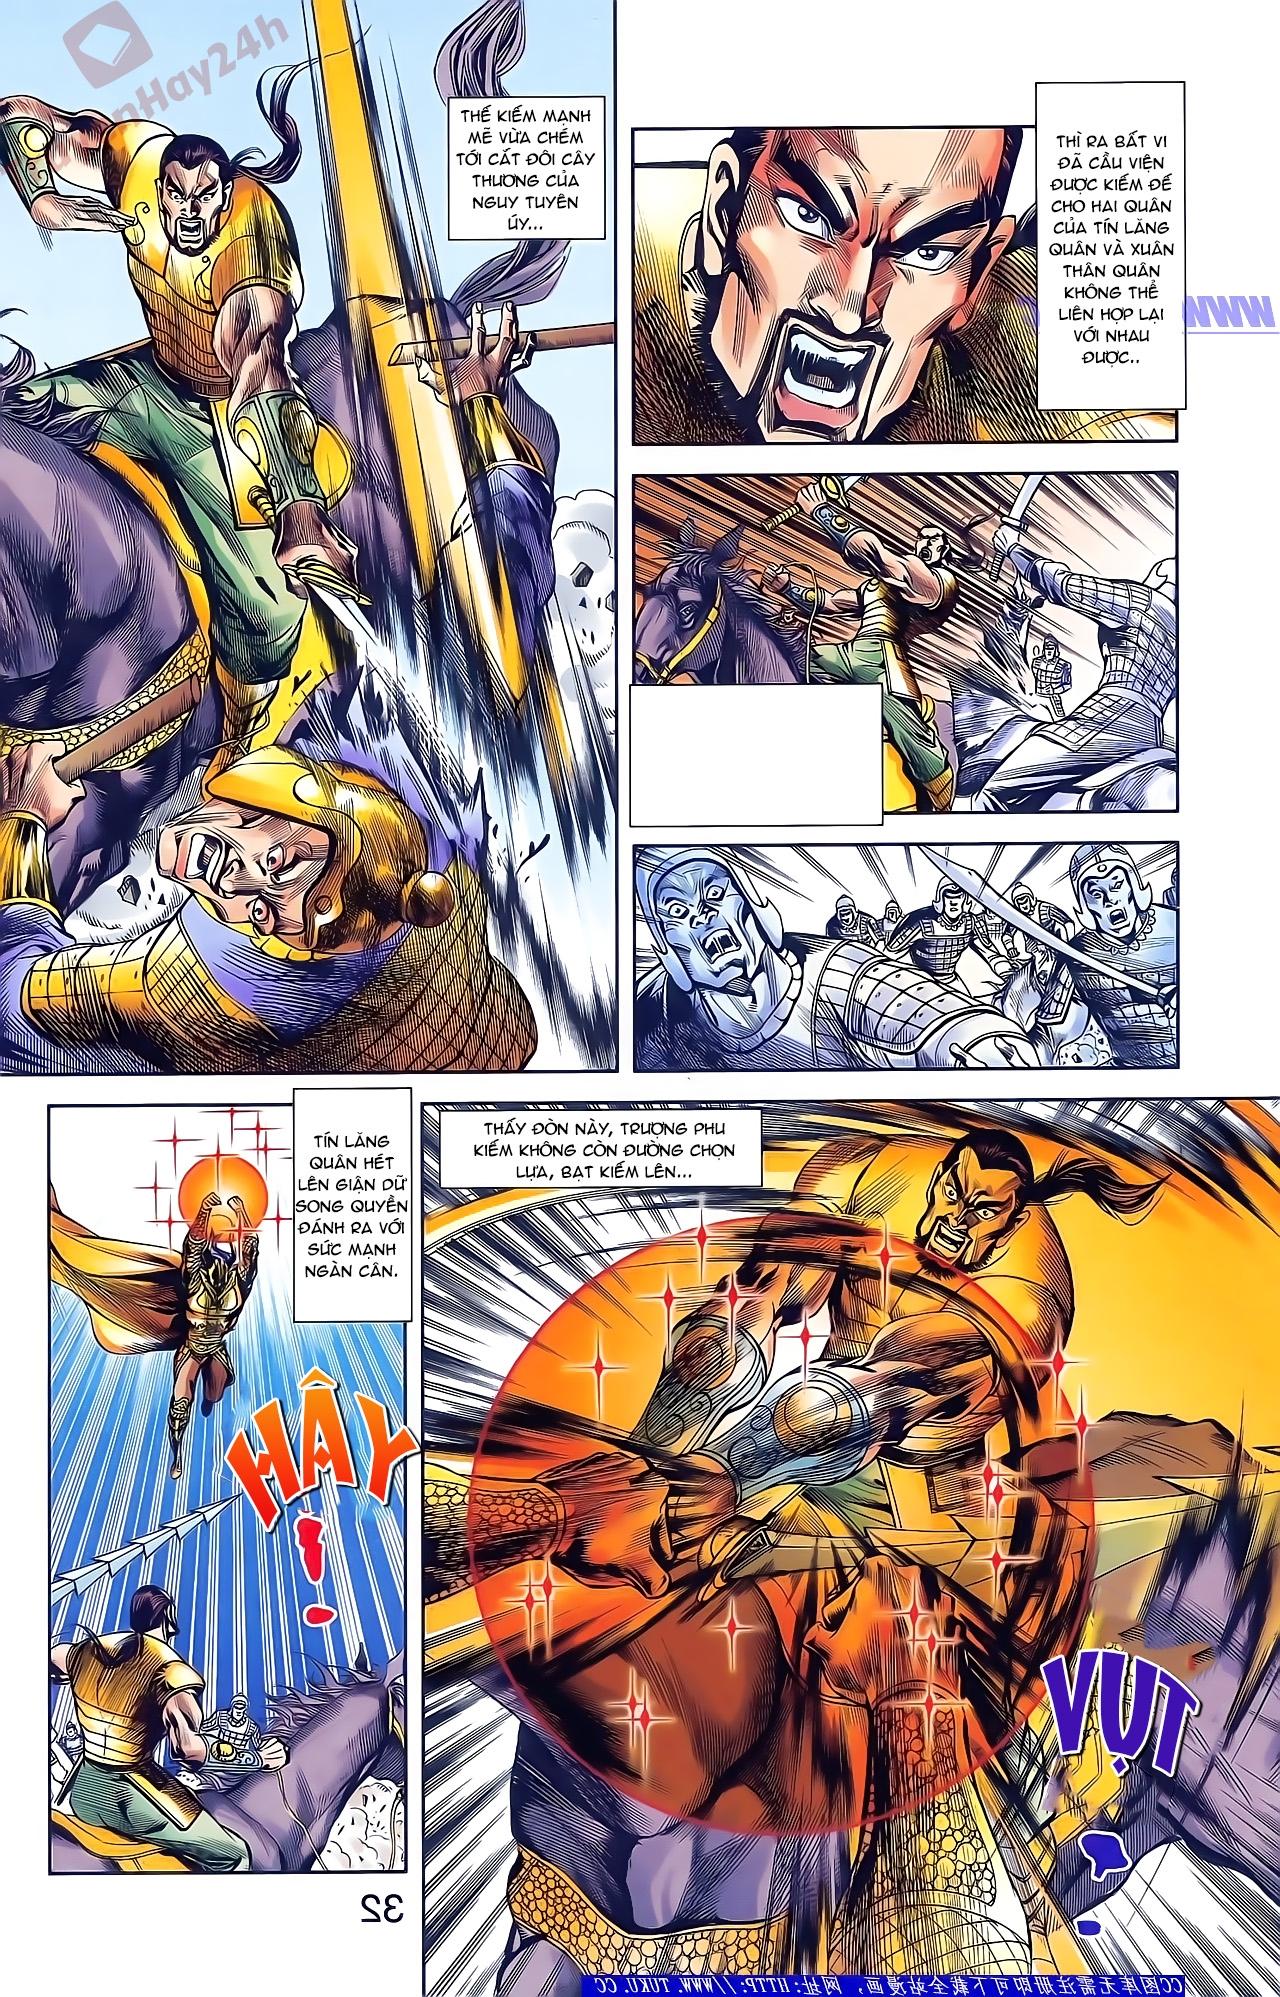 Tần Vương Doanh Chính chapter 48 trang 18